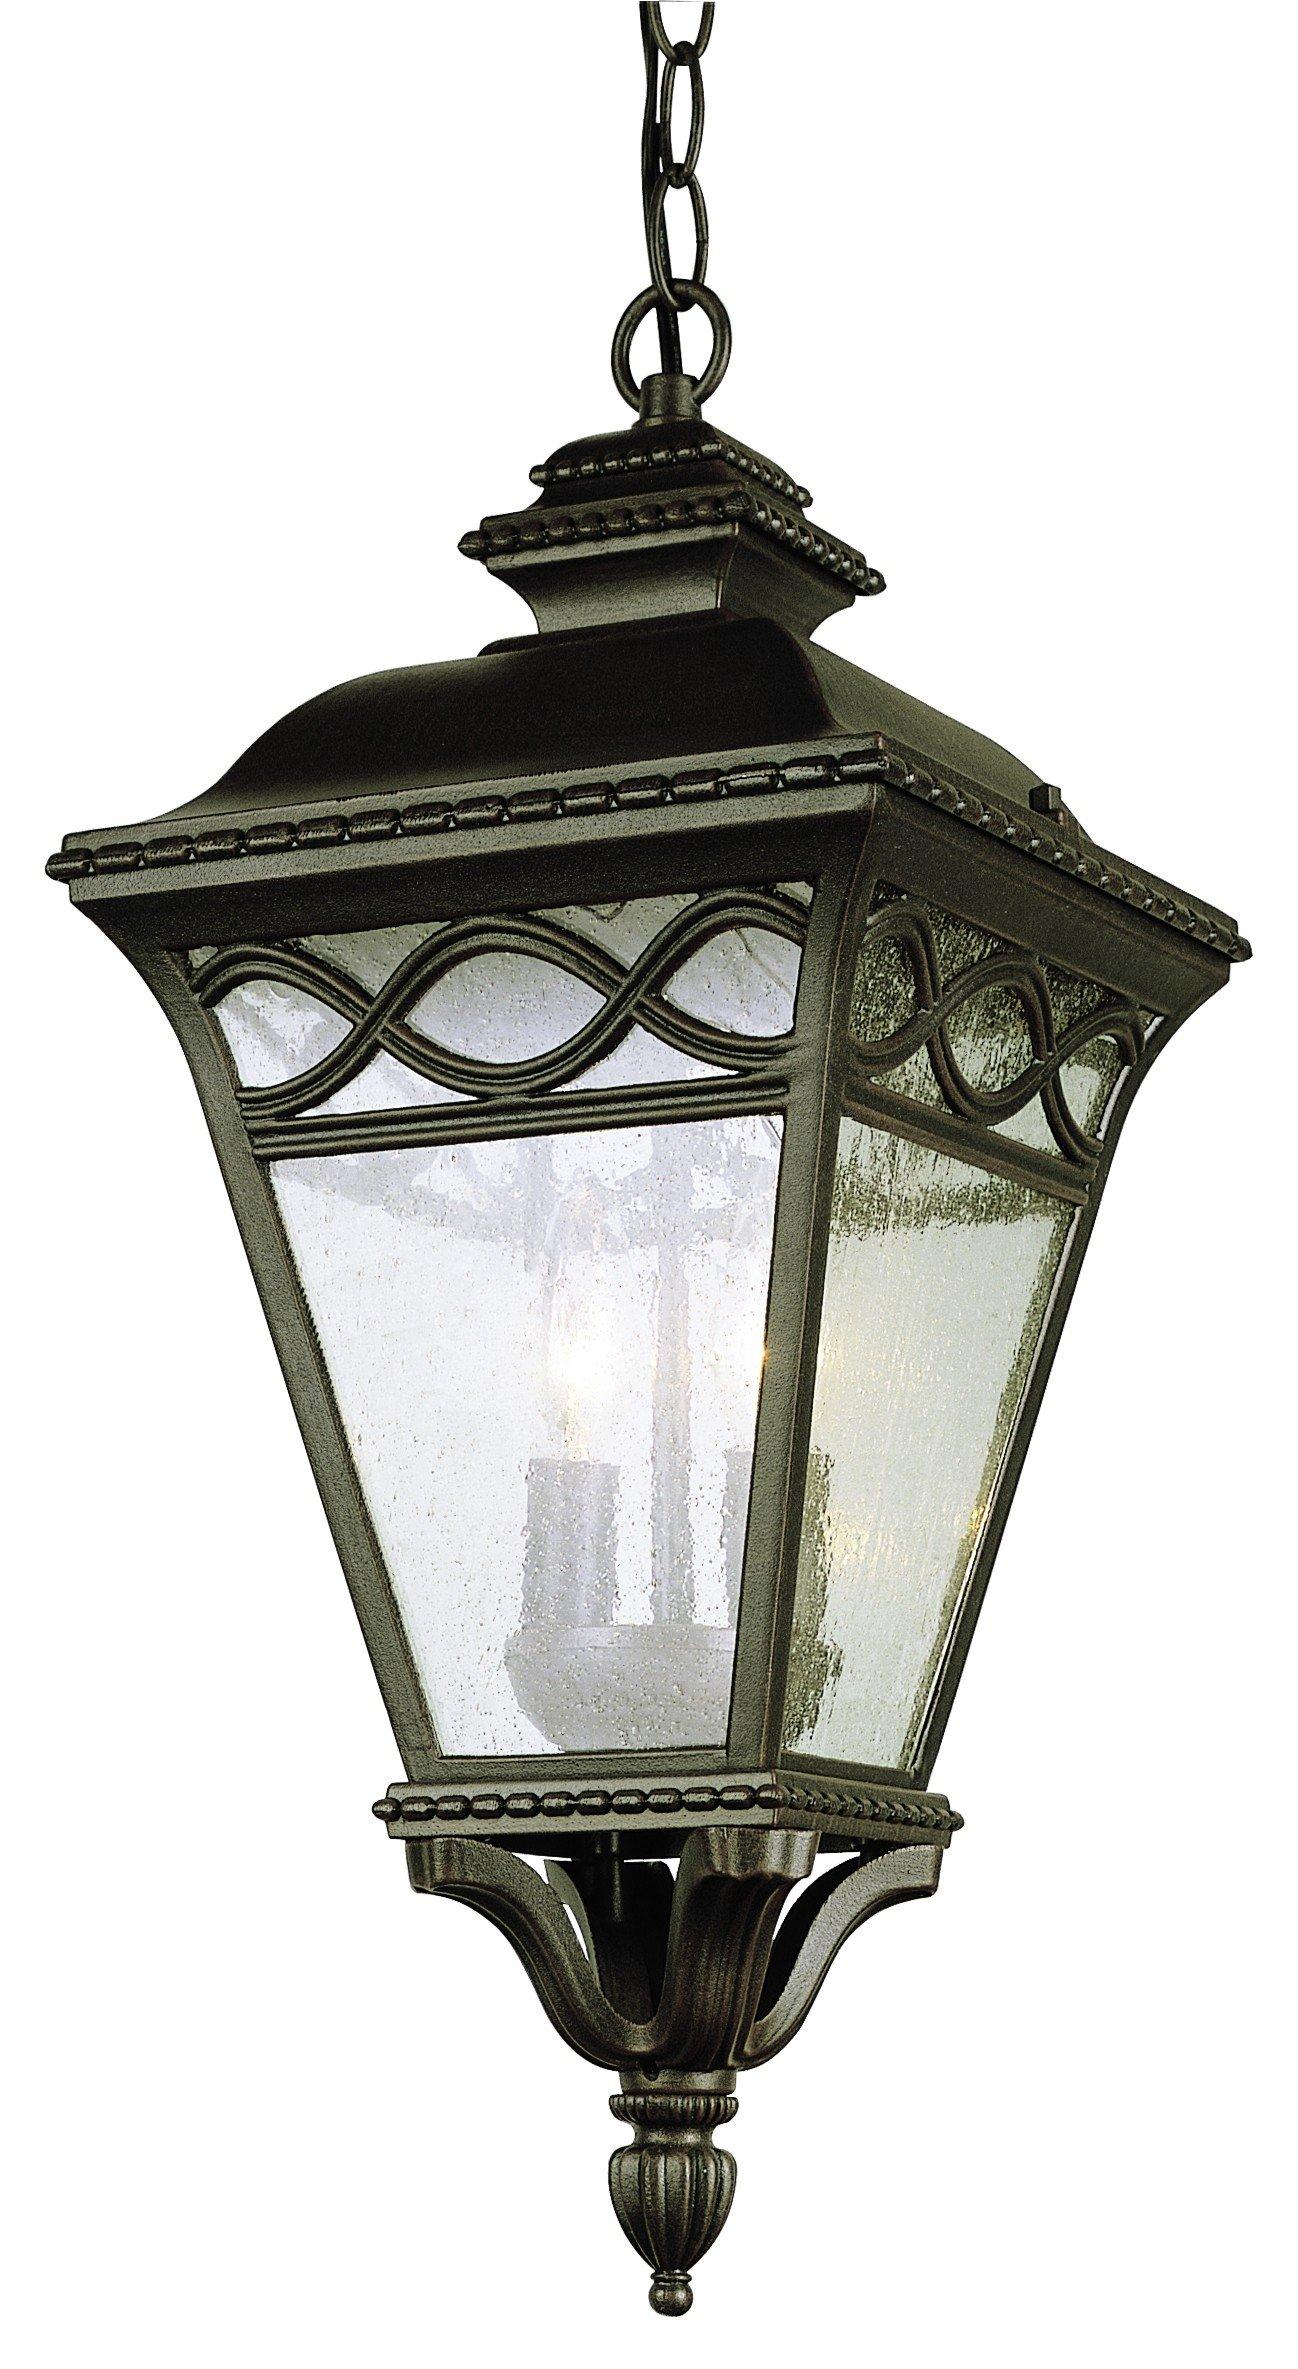 Trans Globe Lighting 50516 RT Outdoor Candlewood 21'' Hanging Lantern, Rust